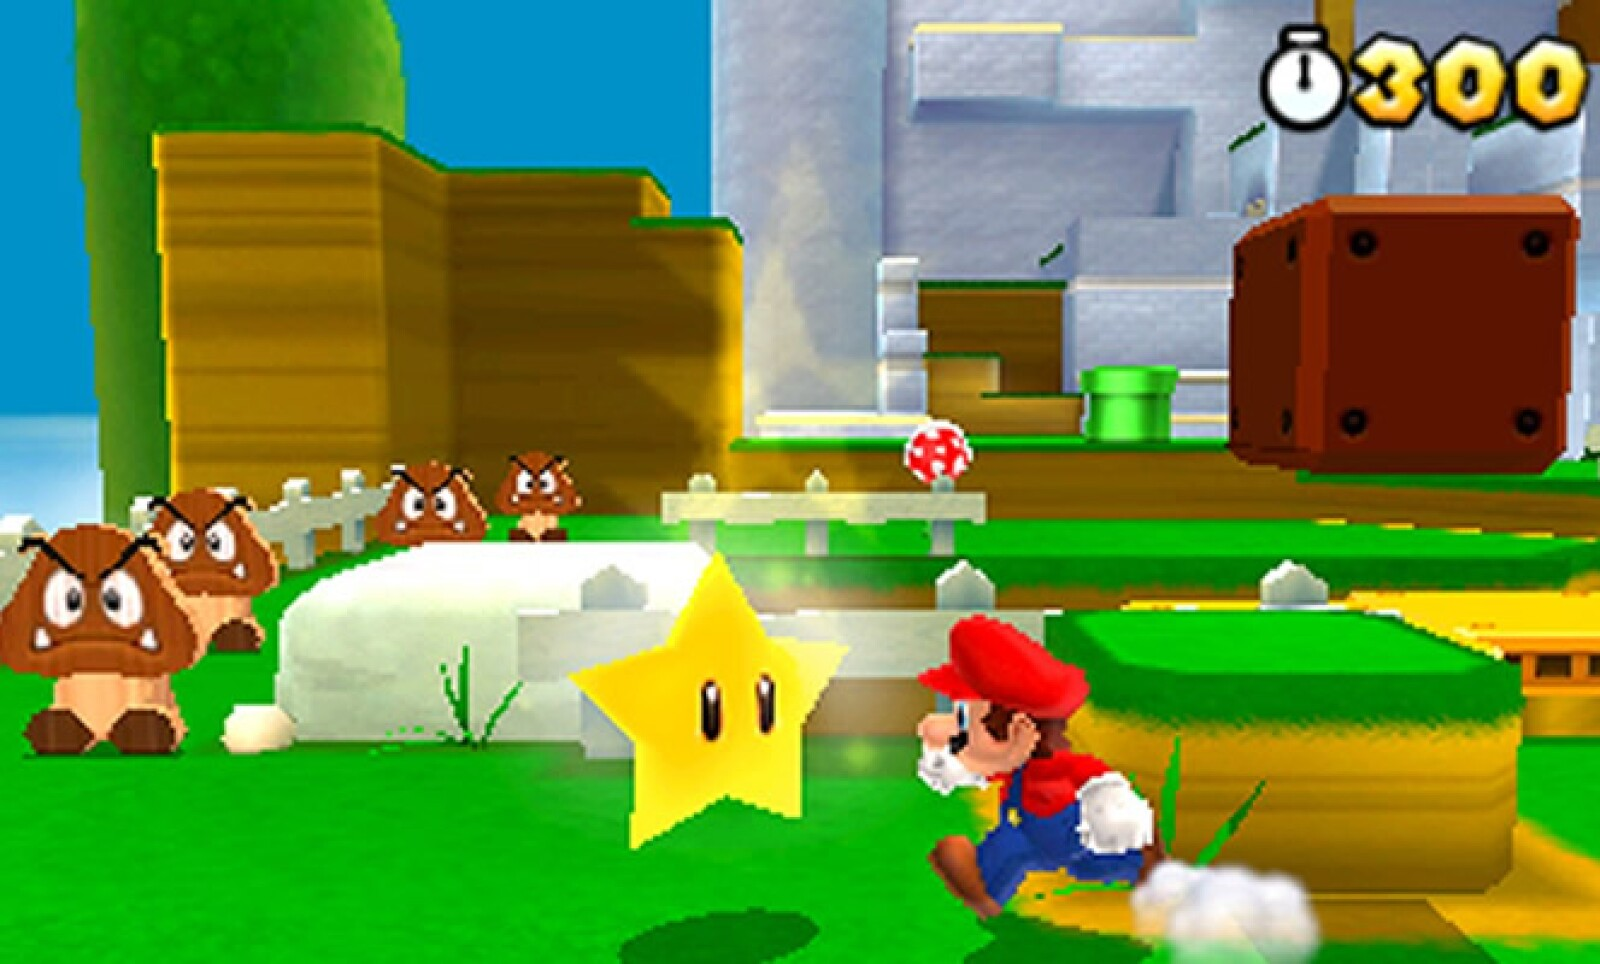 Una nueva aventura de Mario llega ahora para la consola portátil de tercera dimensión de Nintendo: los personajes clásicos divierten en este juego de plataforma, junto con nuevos enemigos y poderes.